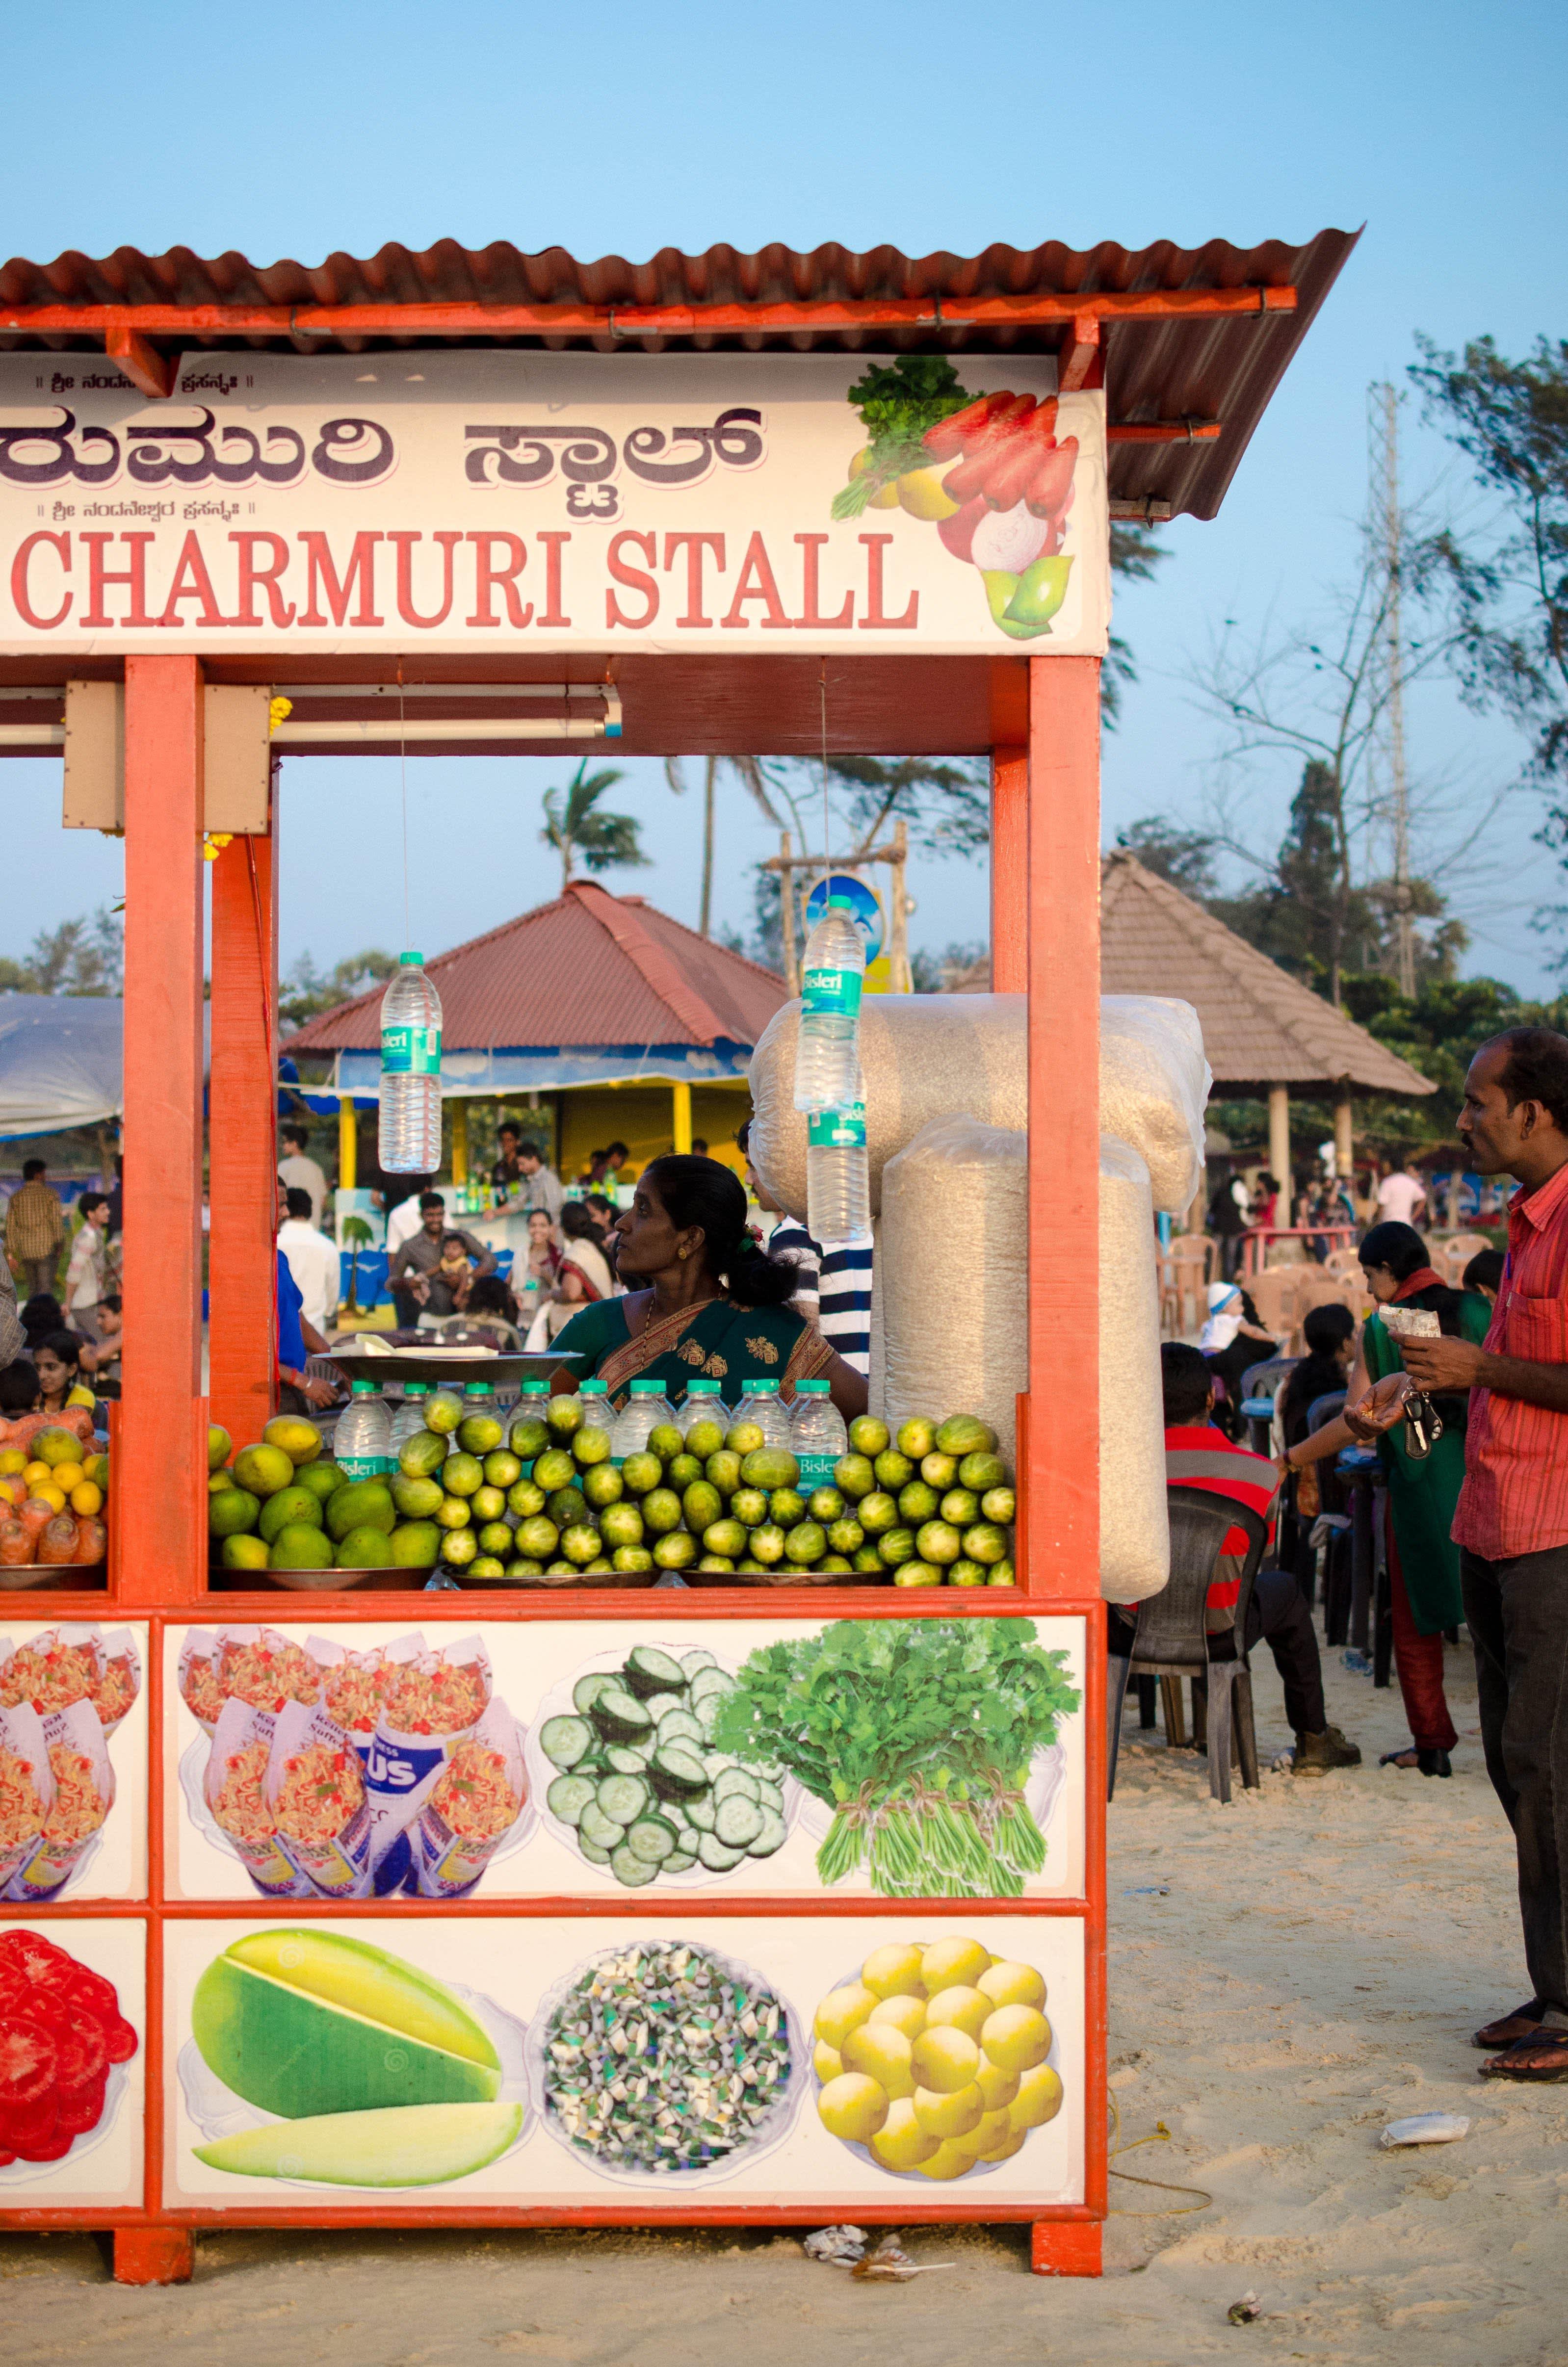 Charmuri Stall